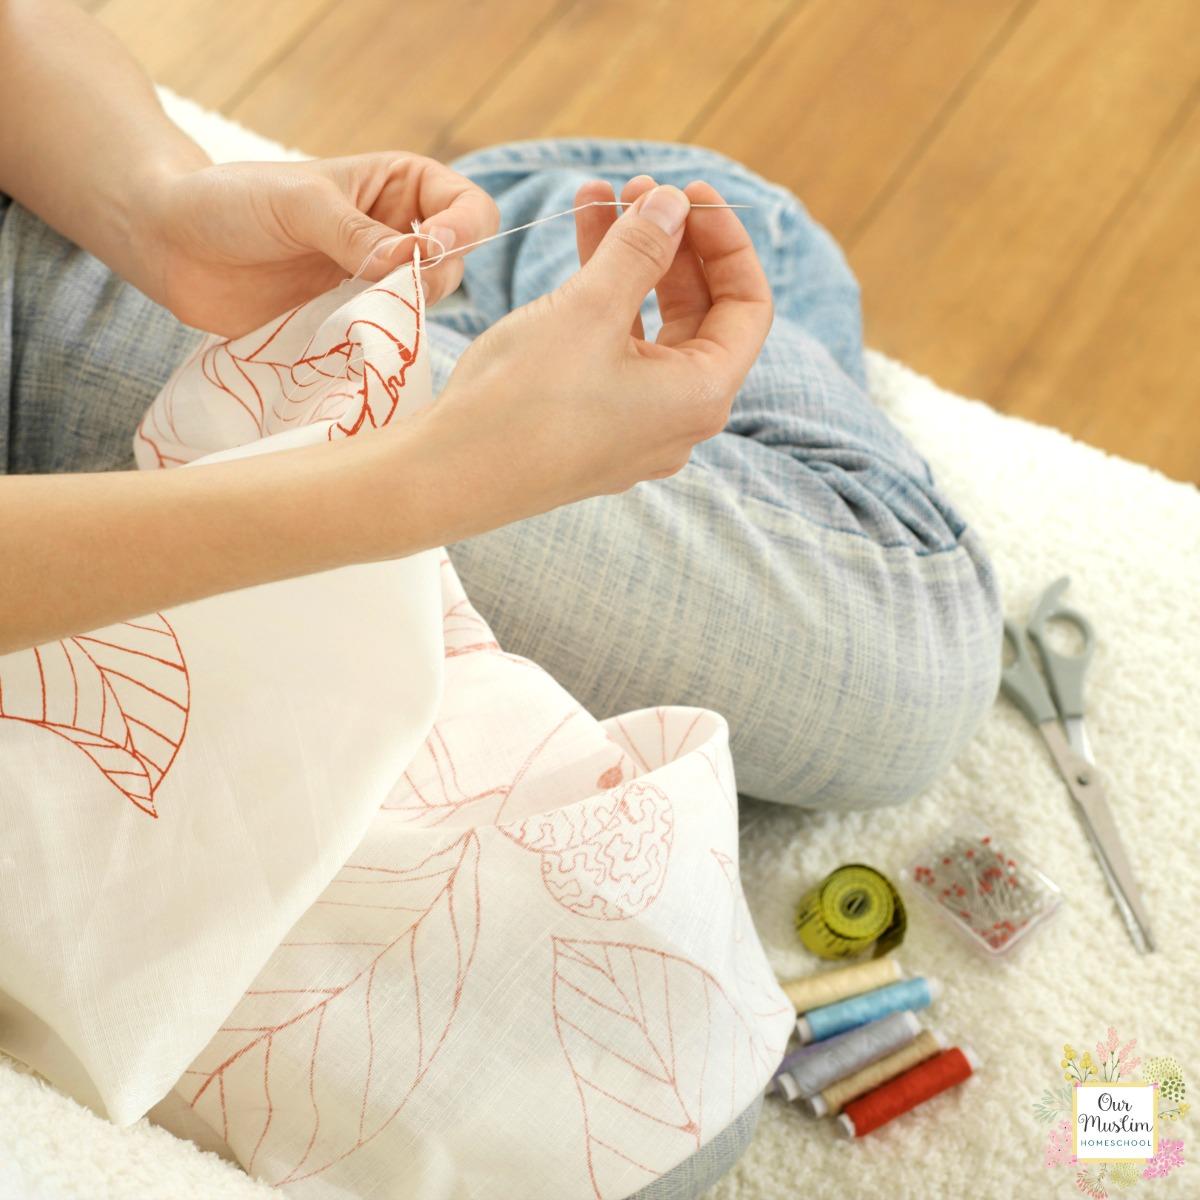 Girl sewing handicraft pillow